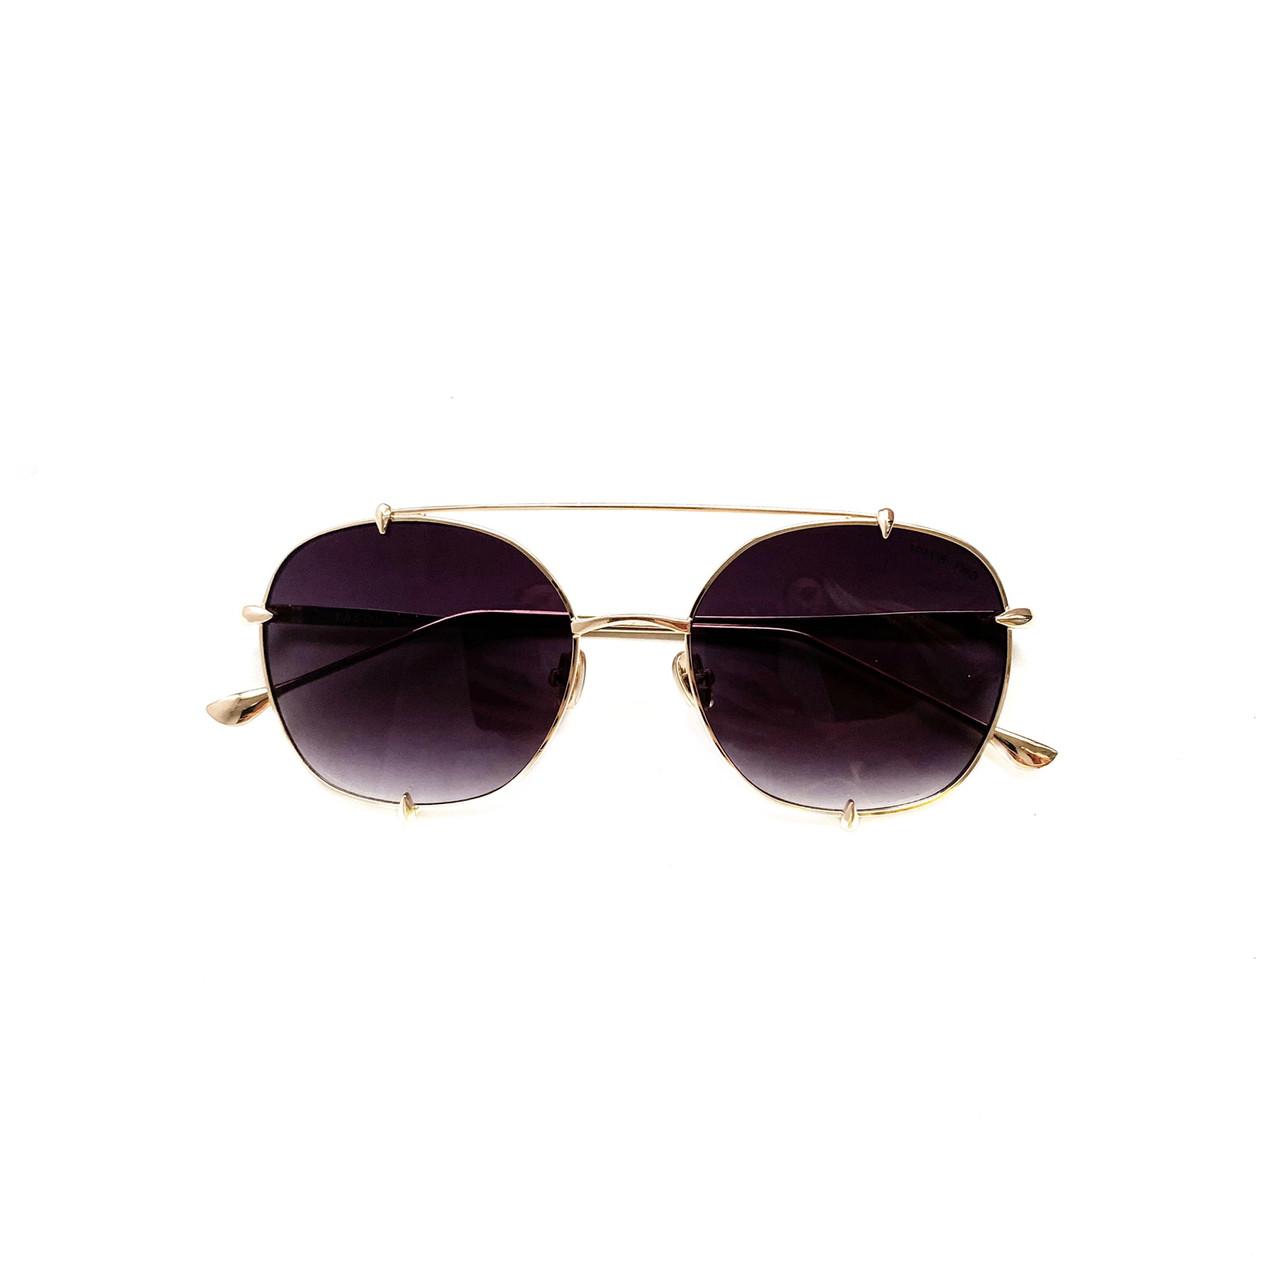 Имиджевые солнцезащитные очки в золотой оправе vN7943